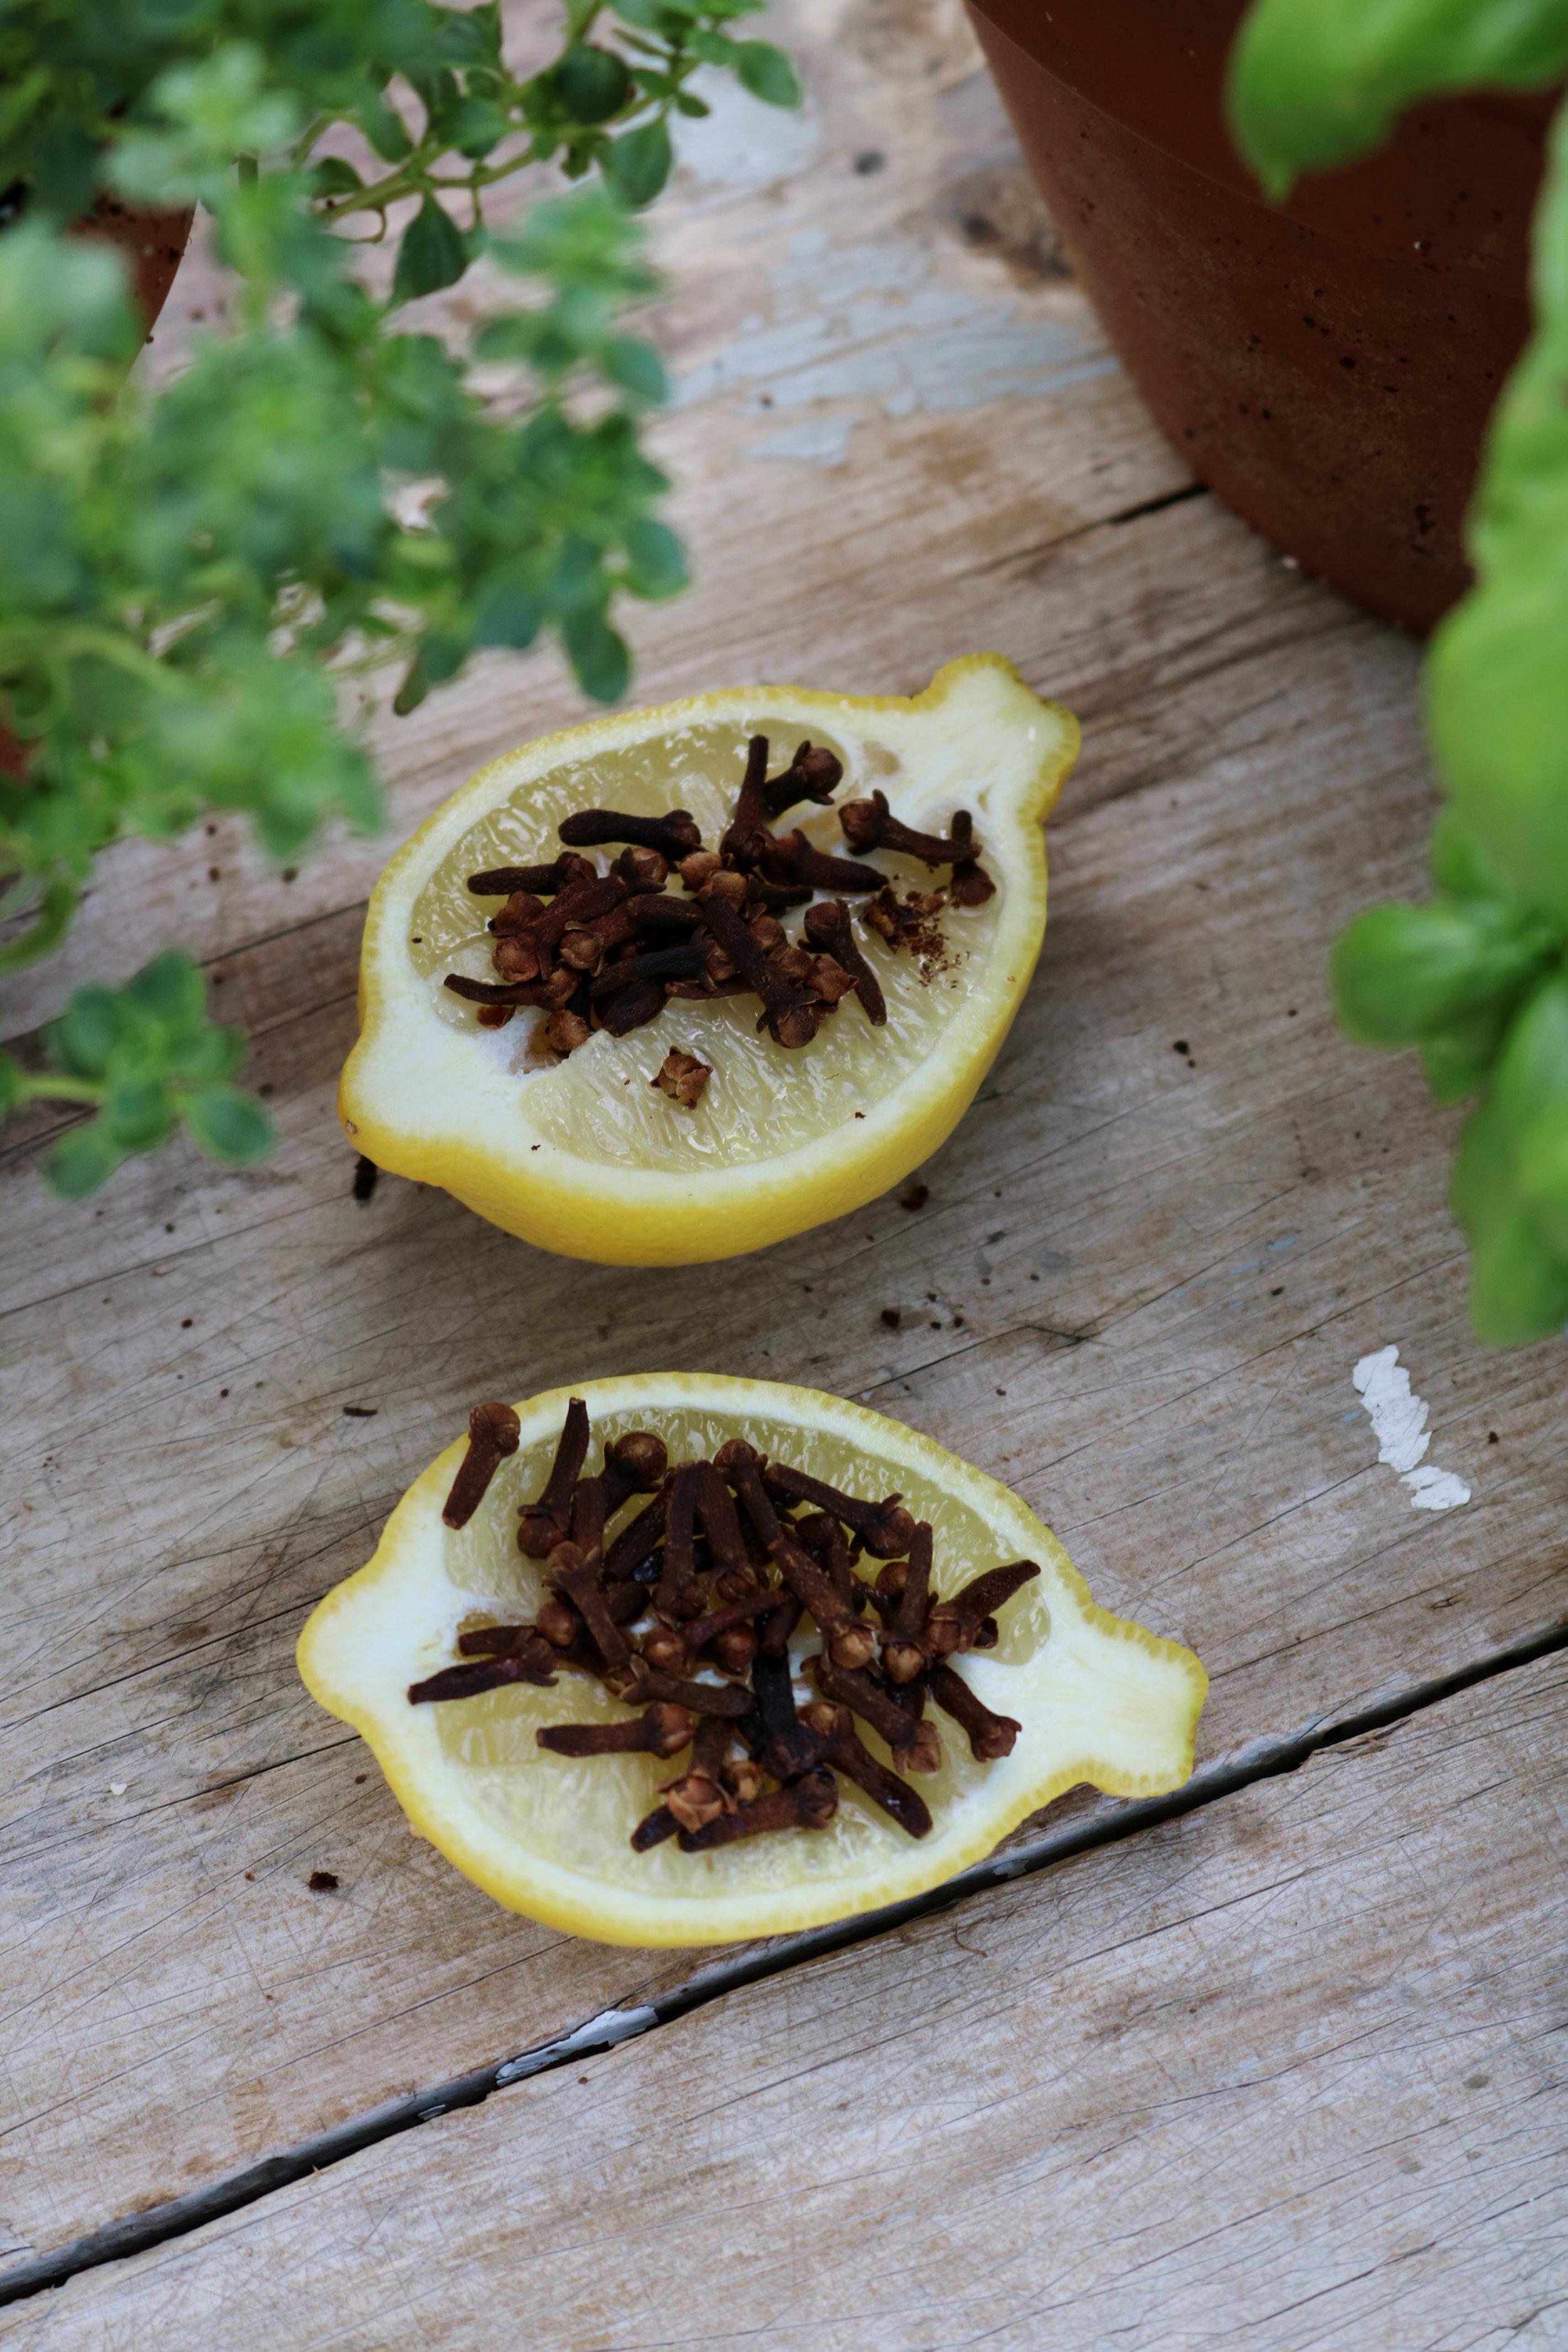 Jun 19 Keep Flies Away With Lemon And Cloves!